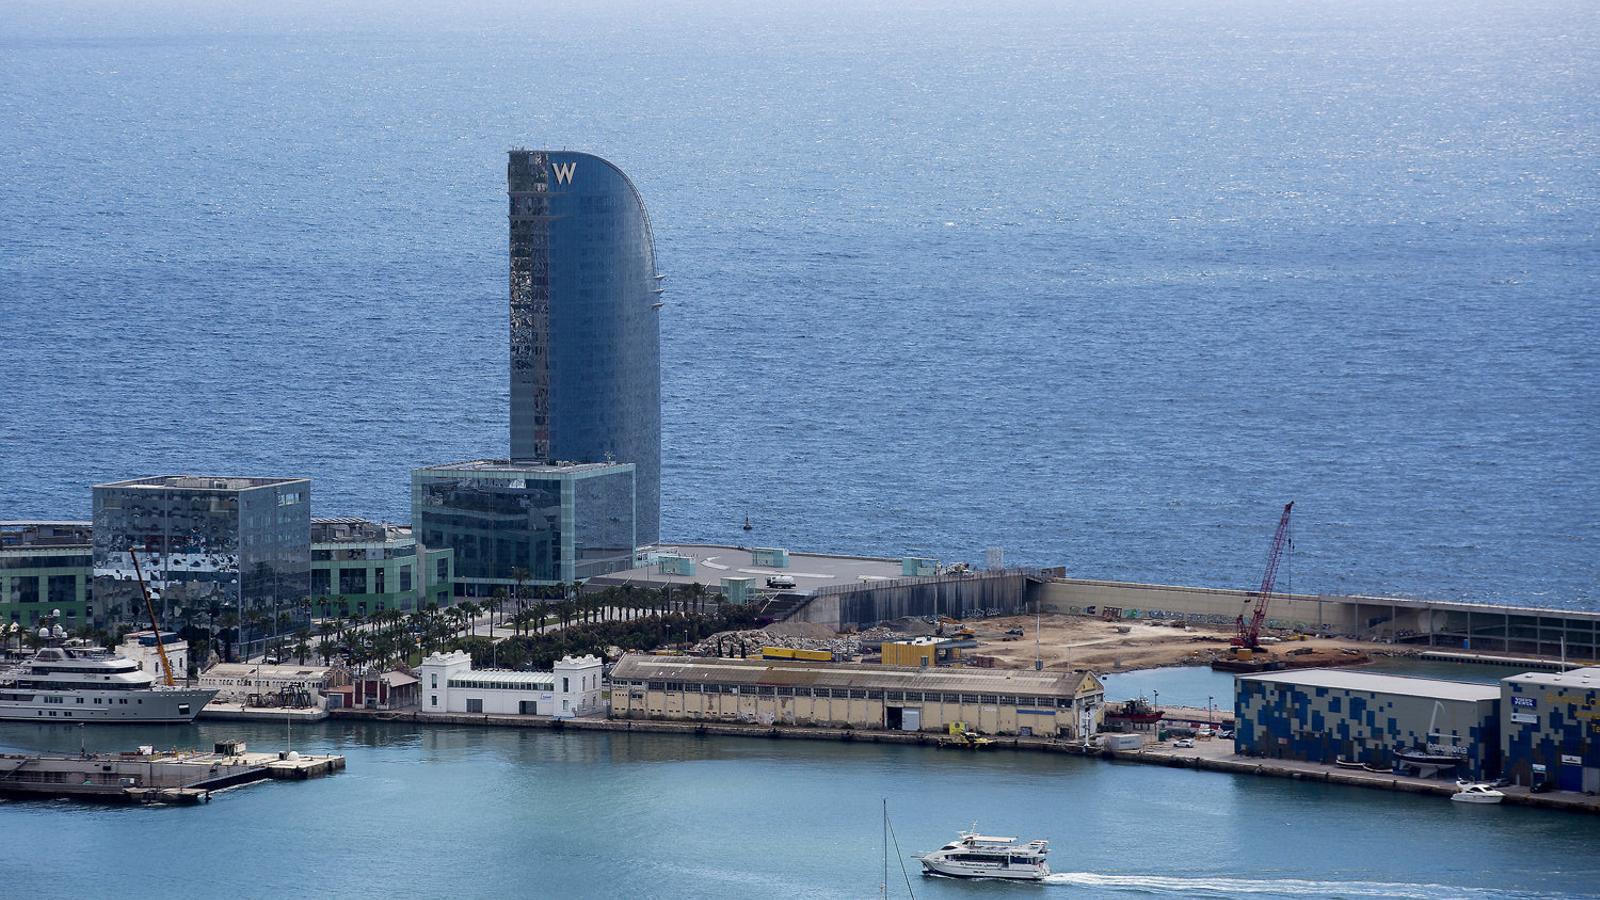 El Port de Barcelona s'ha fet càrrec de la infraestructura i l'ordenació interna necessàries perquè el Museu Hermitage es pugui ubicar a la zona de la nova bocana pròxima a l'Hotel W.